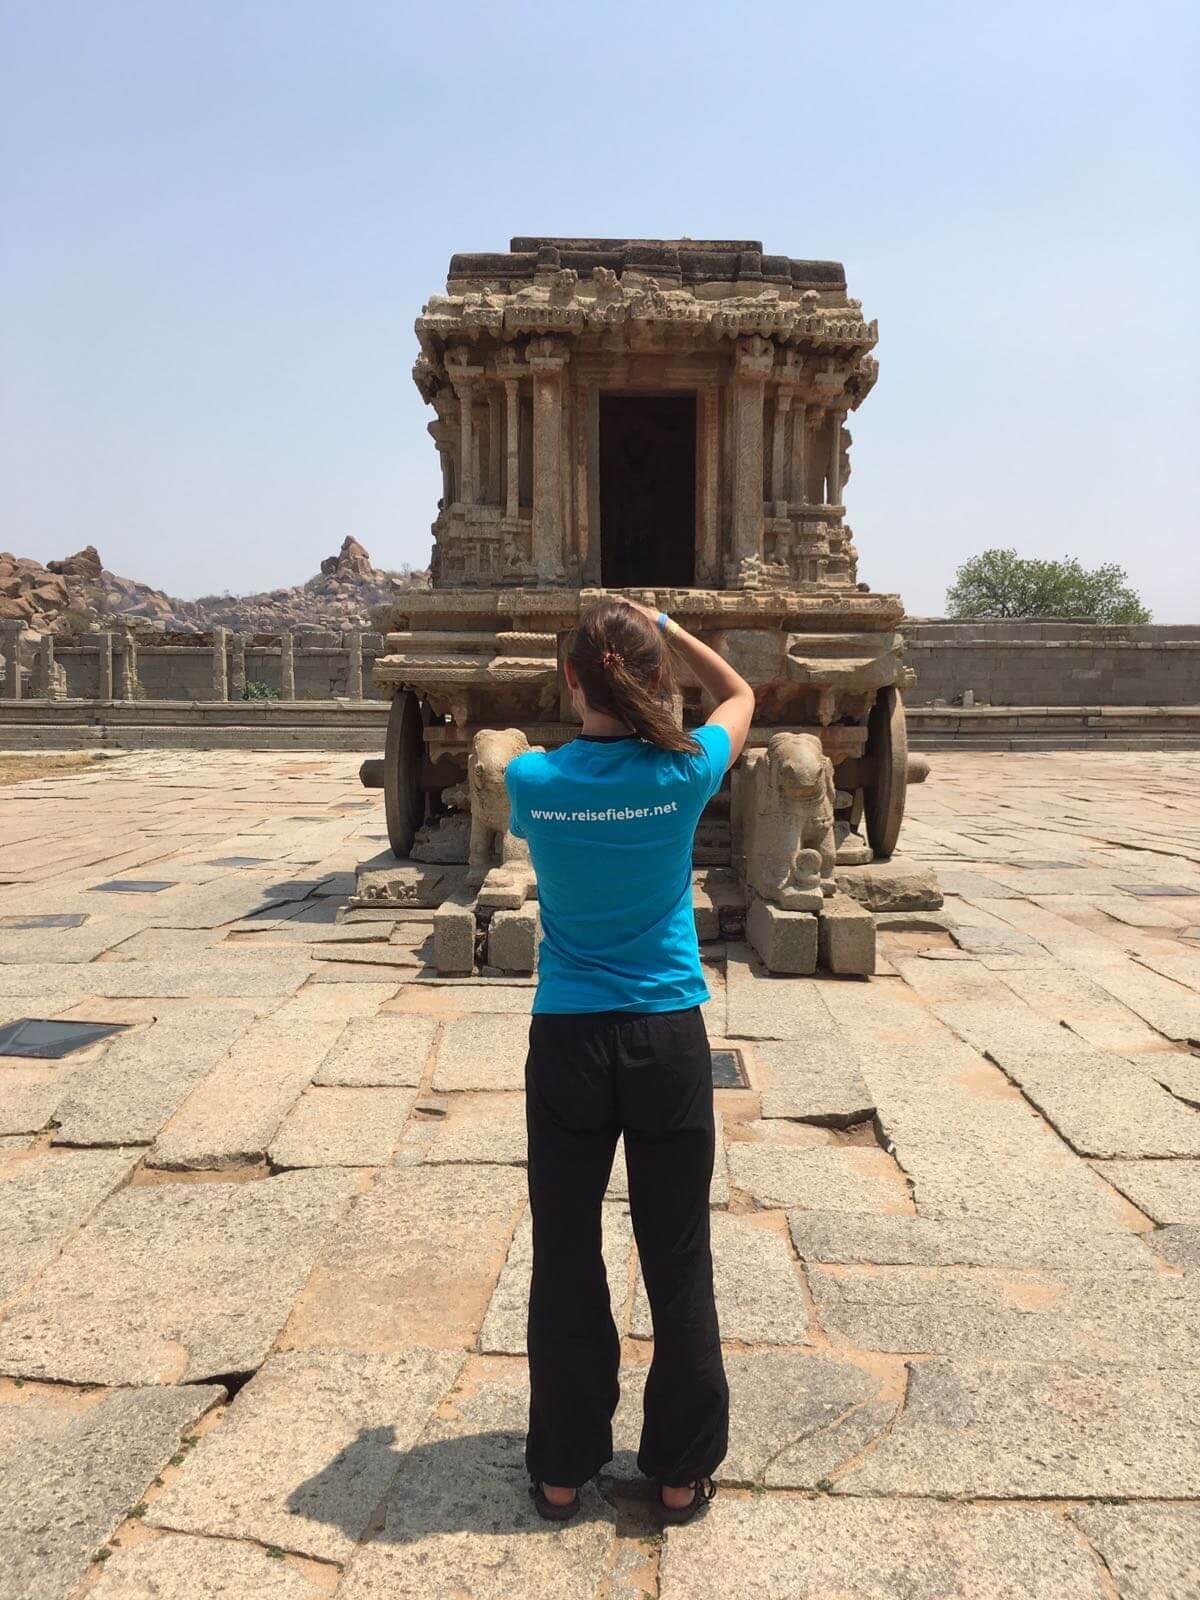 Vittala Tempel in Hampi, der Steinwagen zählt zu den meist fotografierten Motiven in Indien